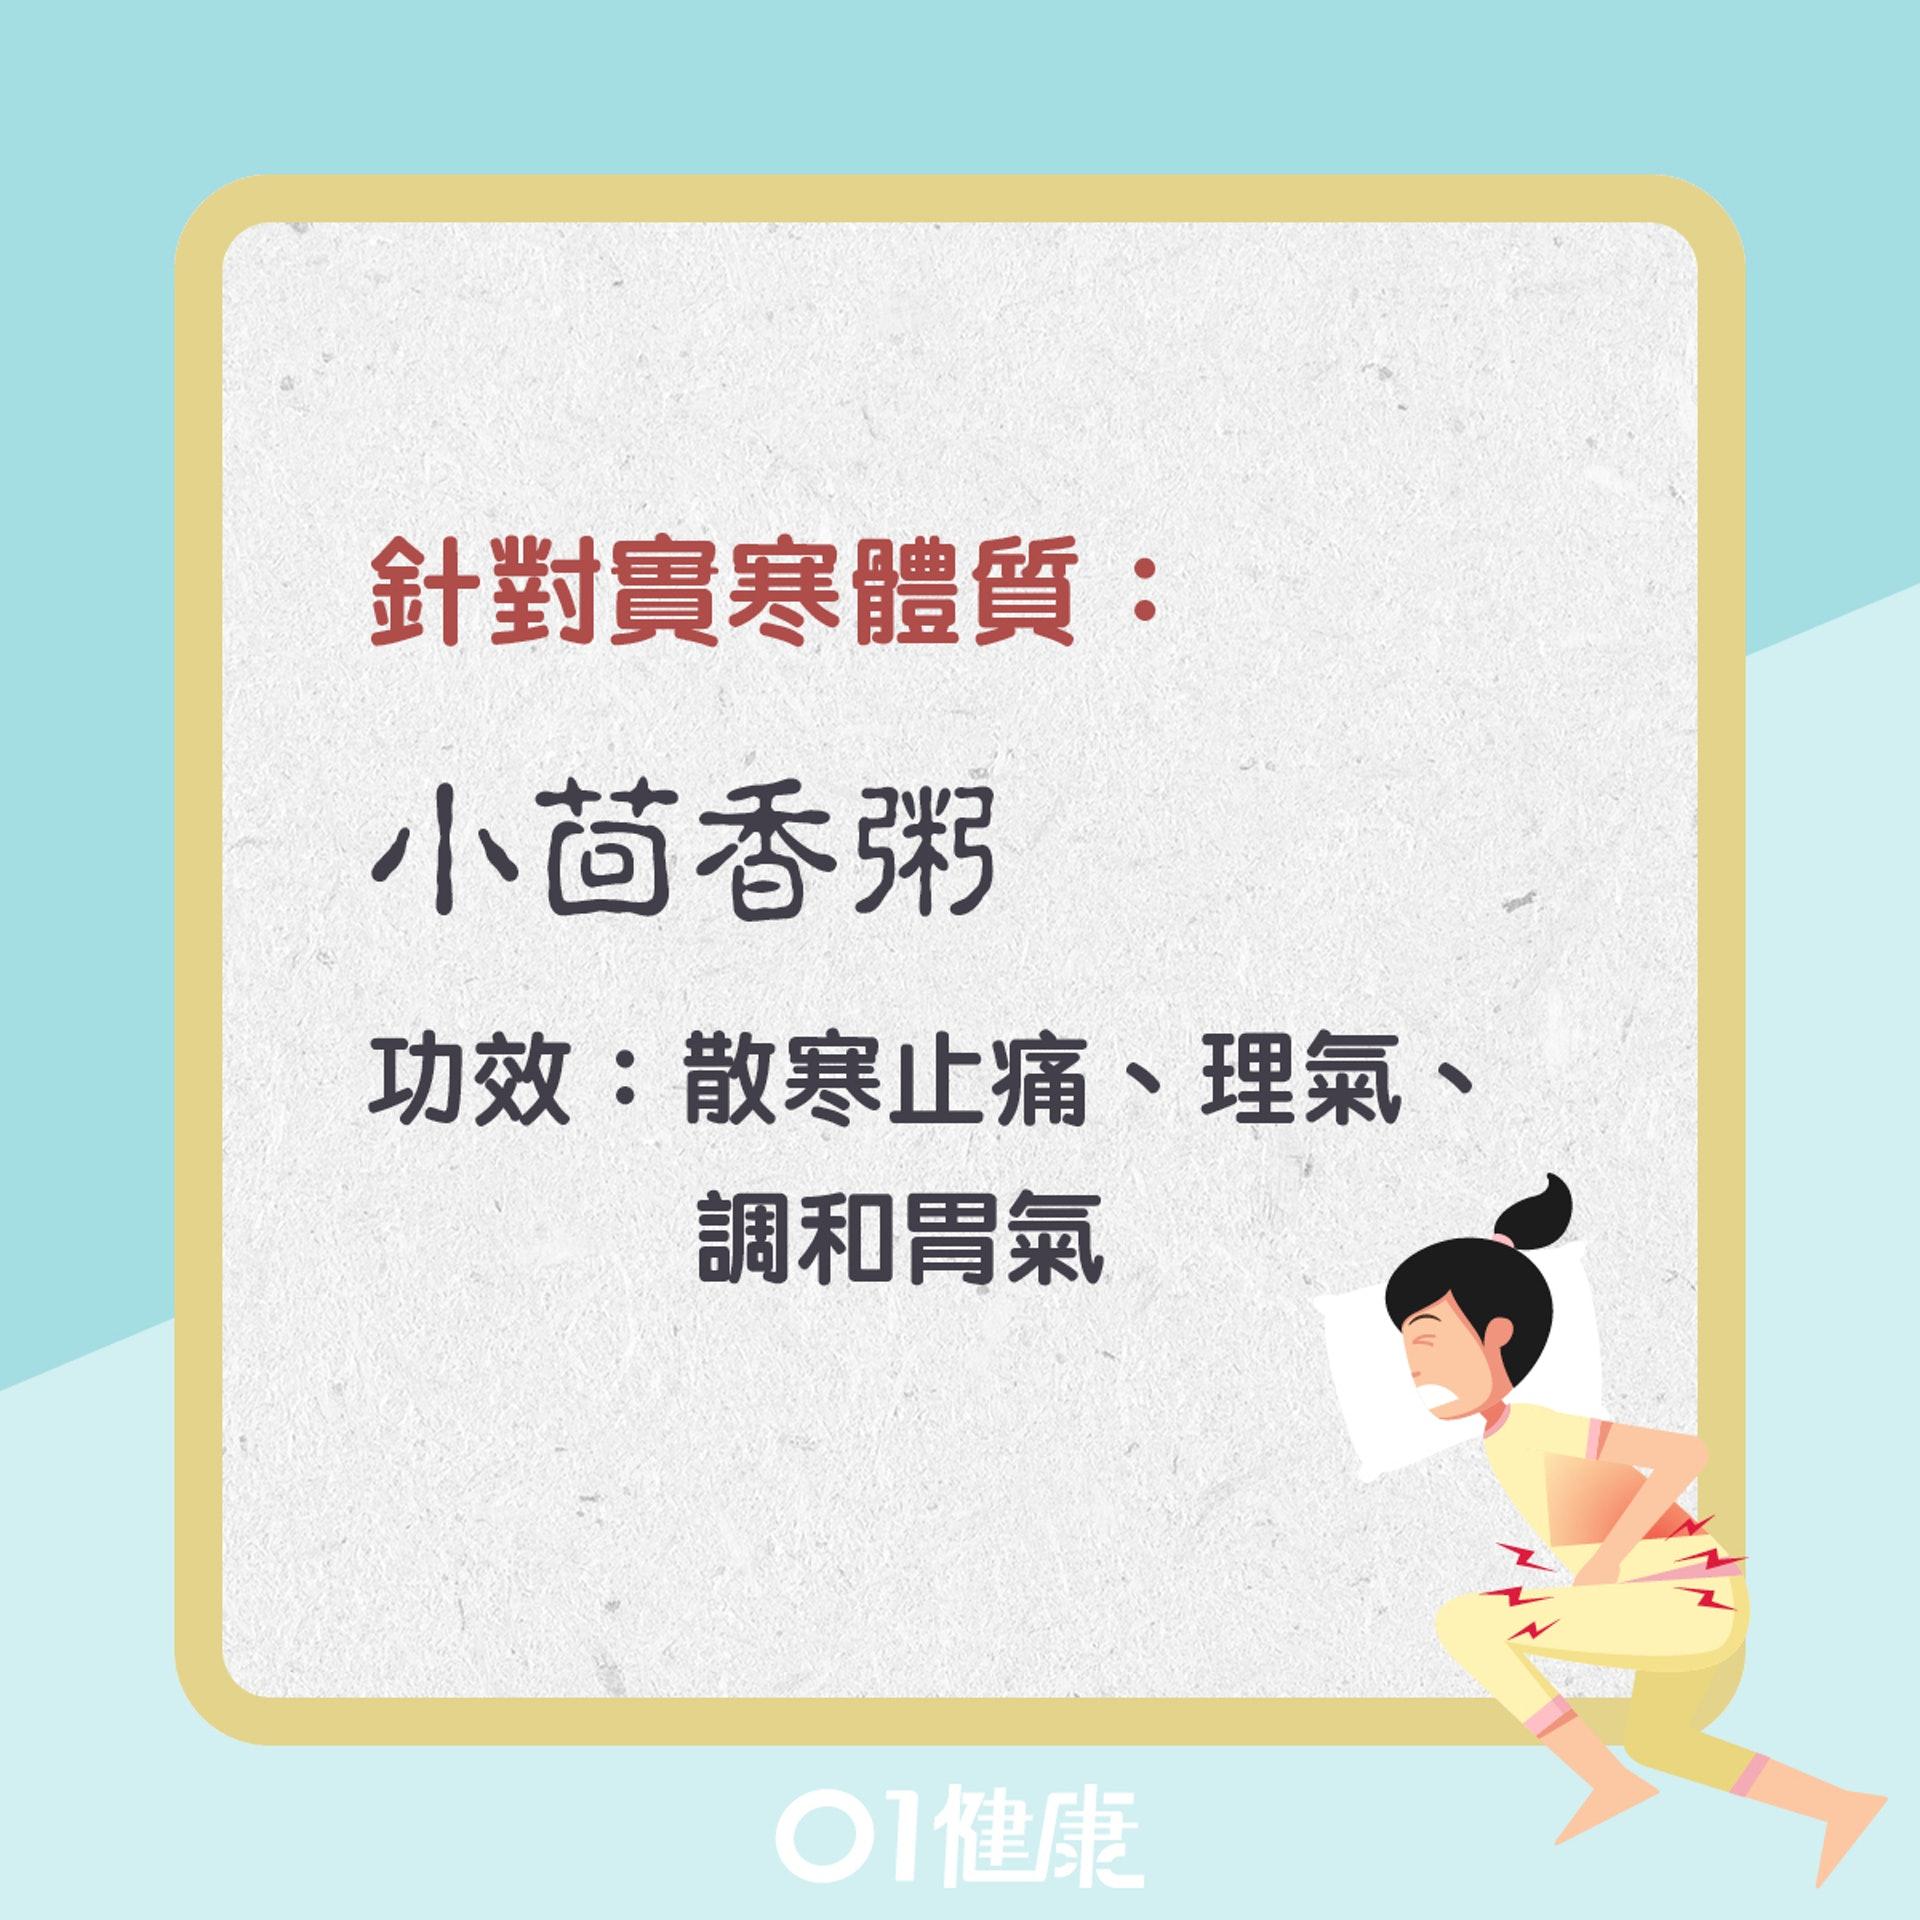 小茴香粥(01製圖)